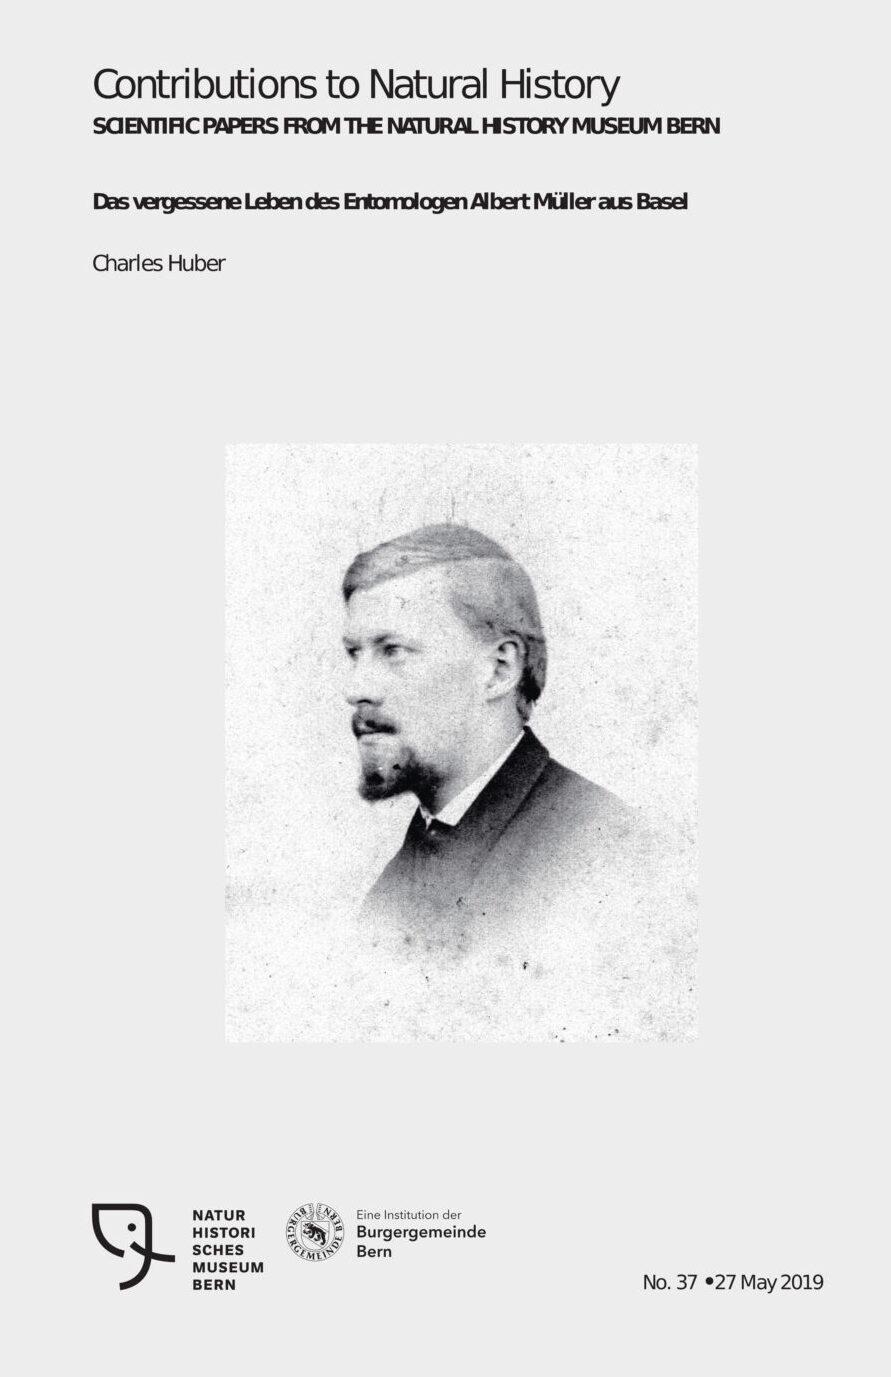 Albert Müller, Entomologe, Naturhistorischs Museum Bern, Publikation von Chrles Huber. CC-BY-SA 4.0 charles Huber, Oberdiessbach, Schweiz